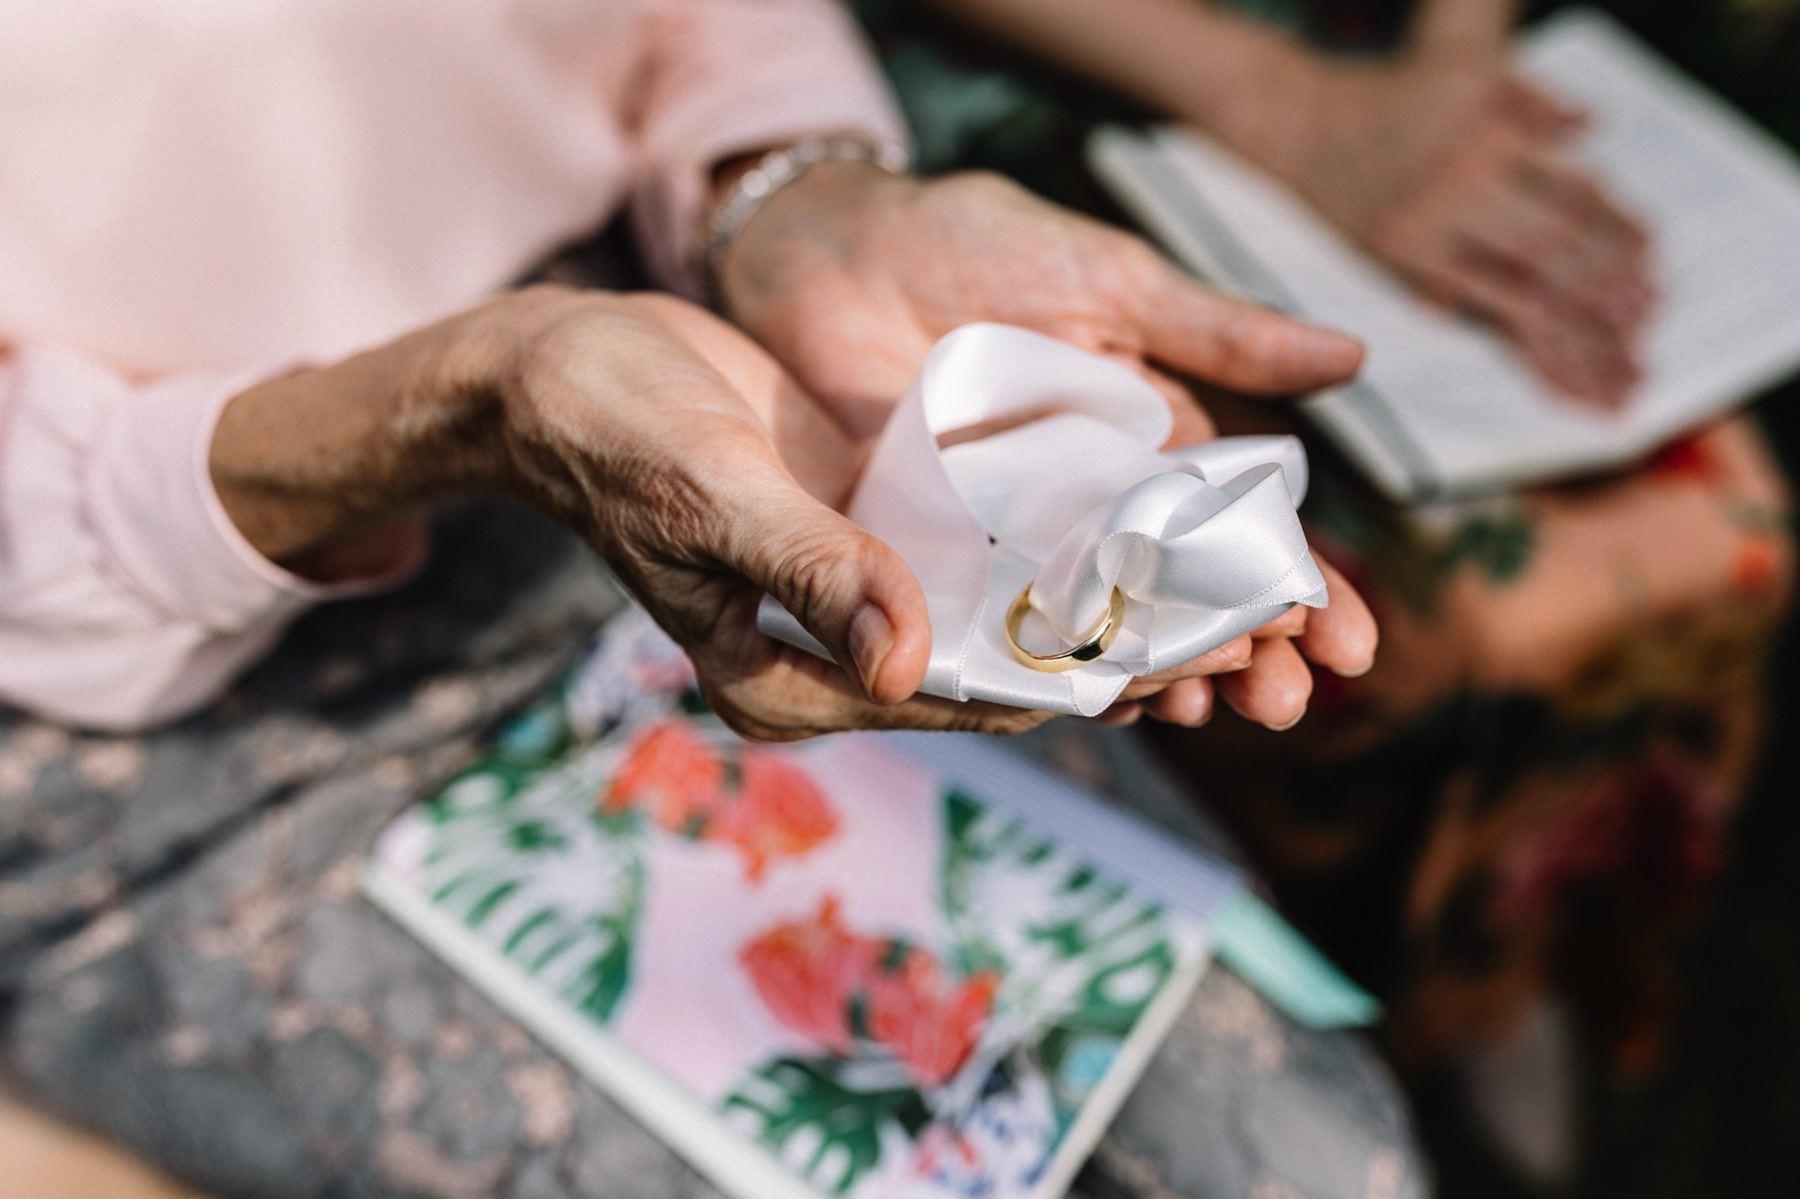 wedding rings ceremony